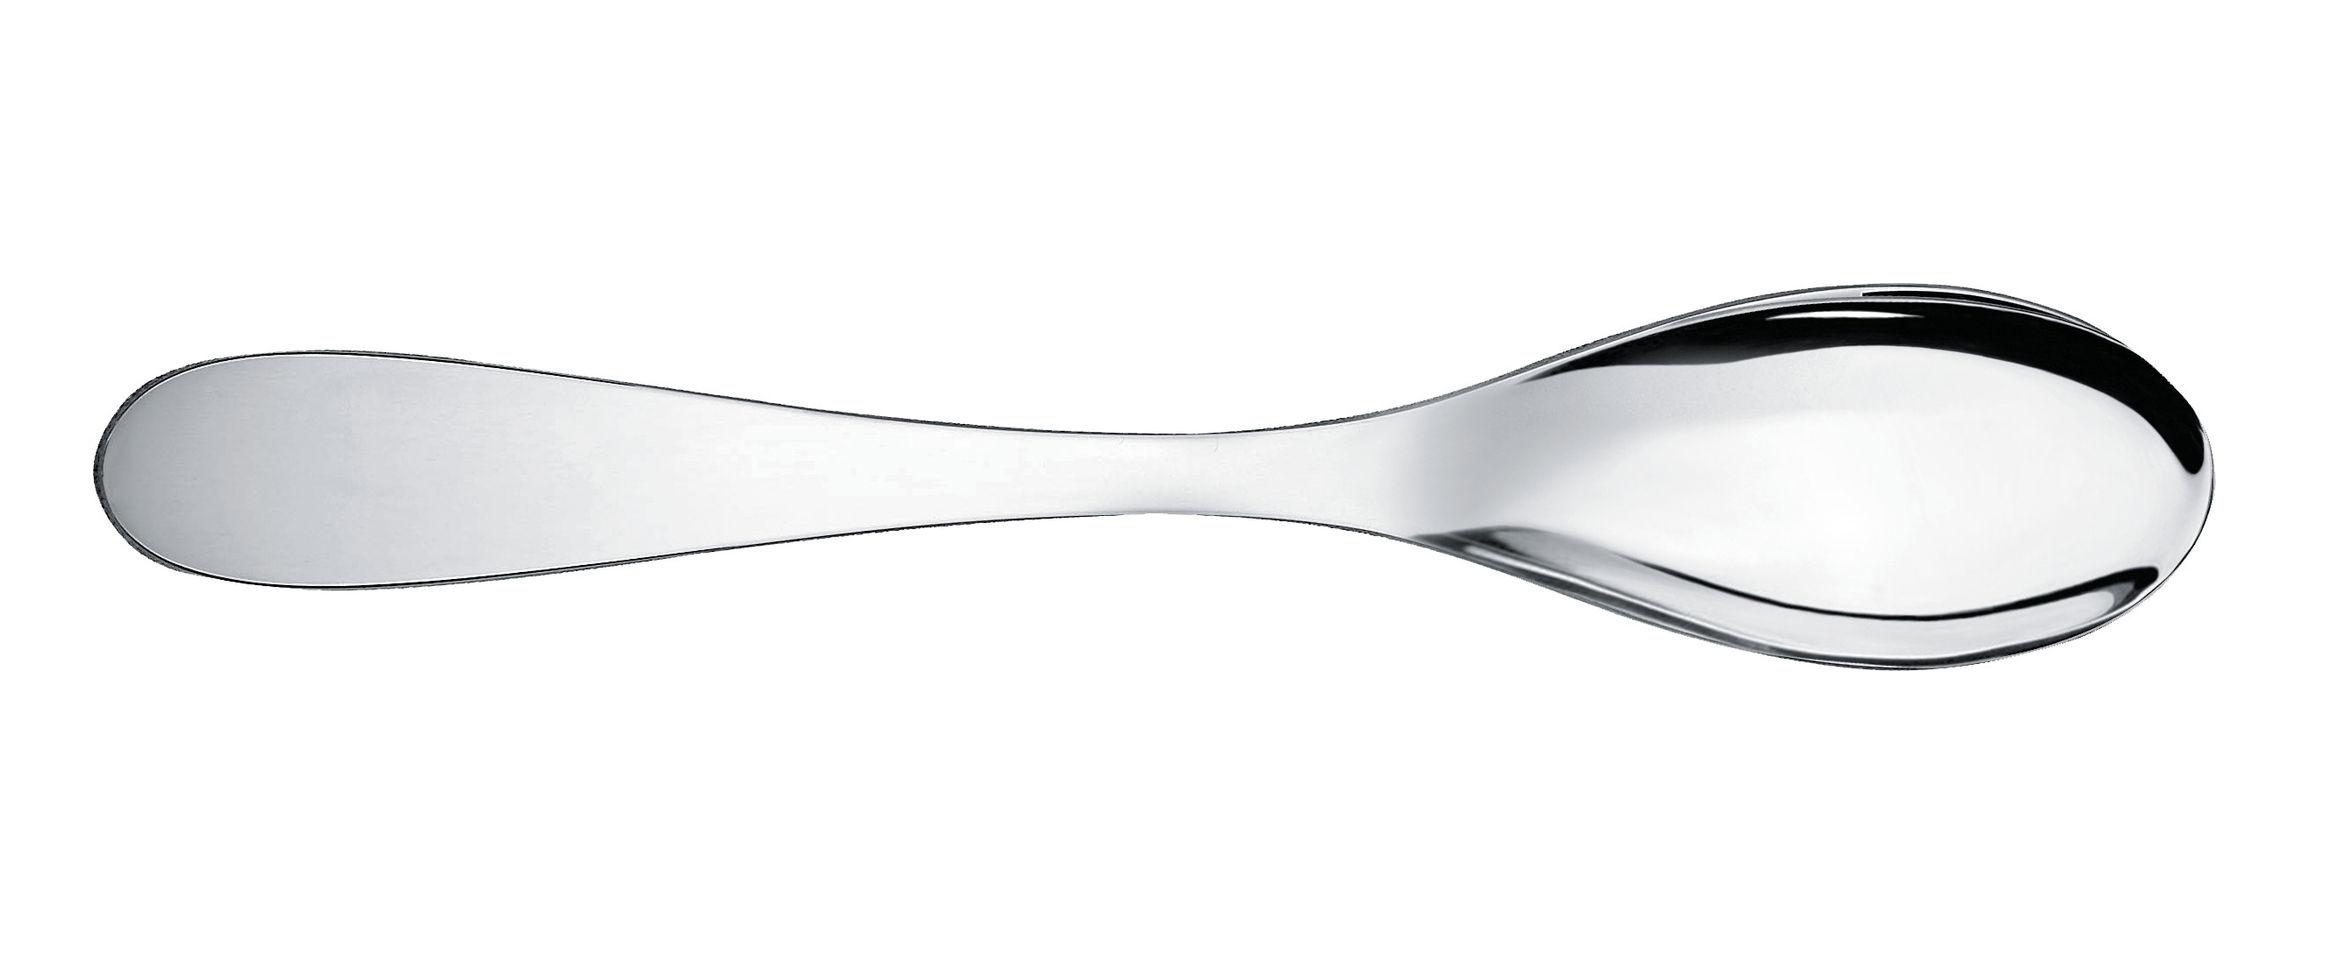 Arts de la table - Couverts de table - Cuillère à dessert Eat.it - Alessi - Métal brillant - Acier inoxydable 18/10